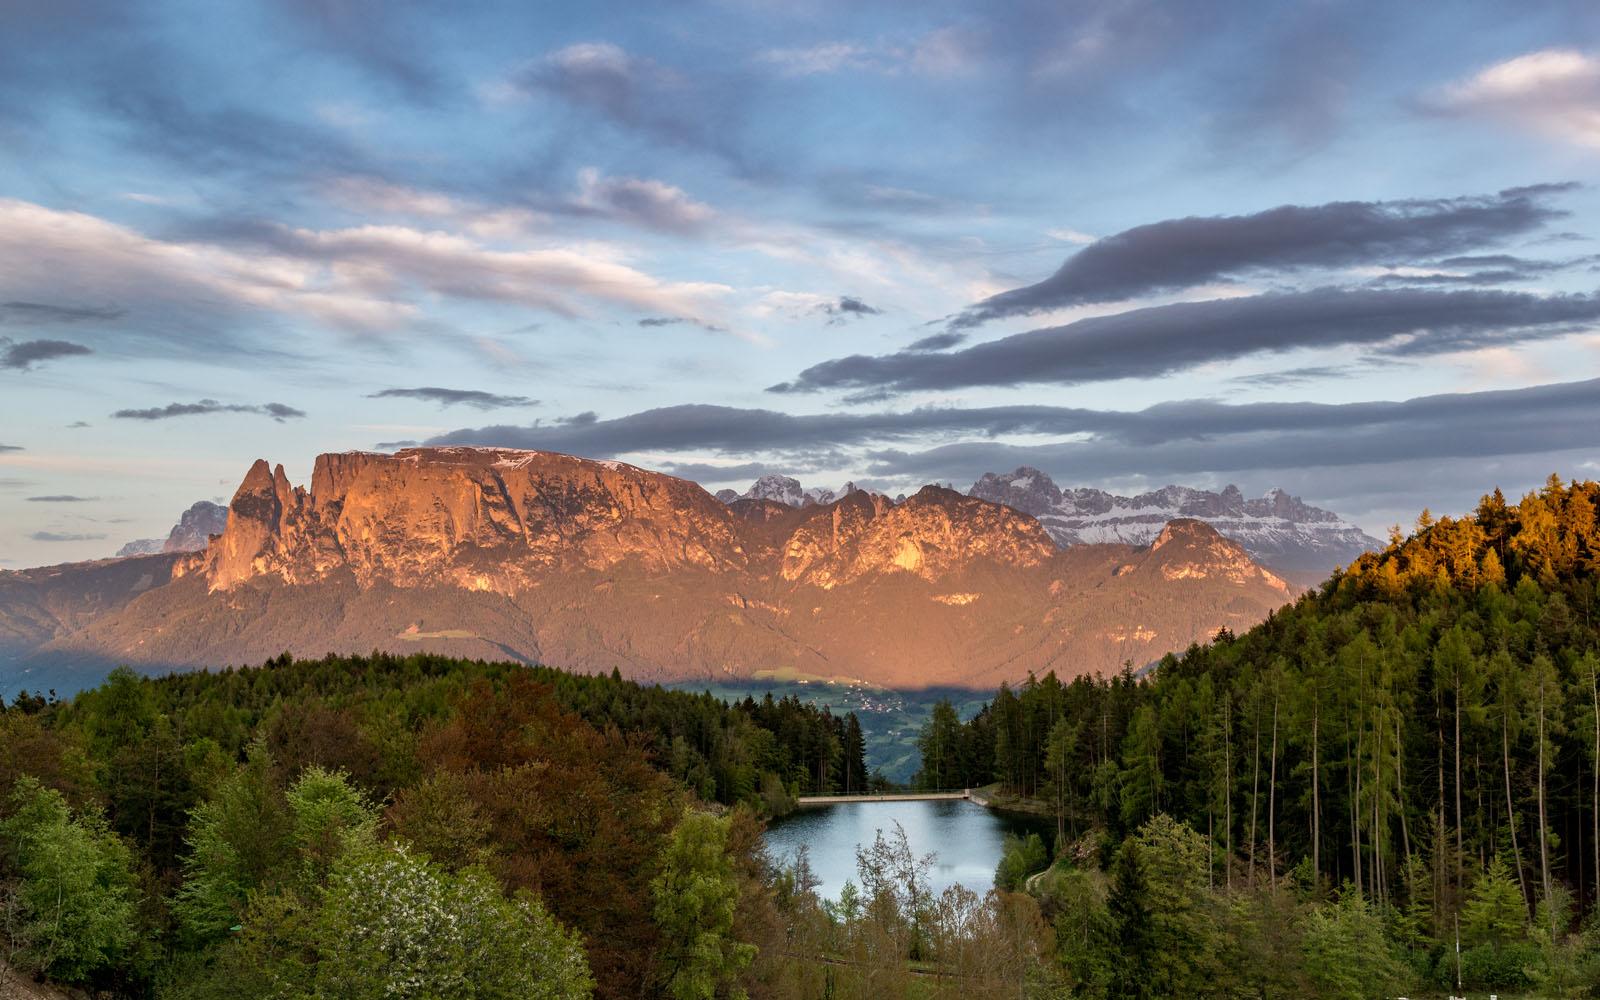 Il fenomeno dell'enrosadira tipico delle Dolomiti.